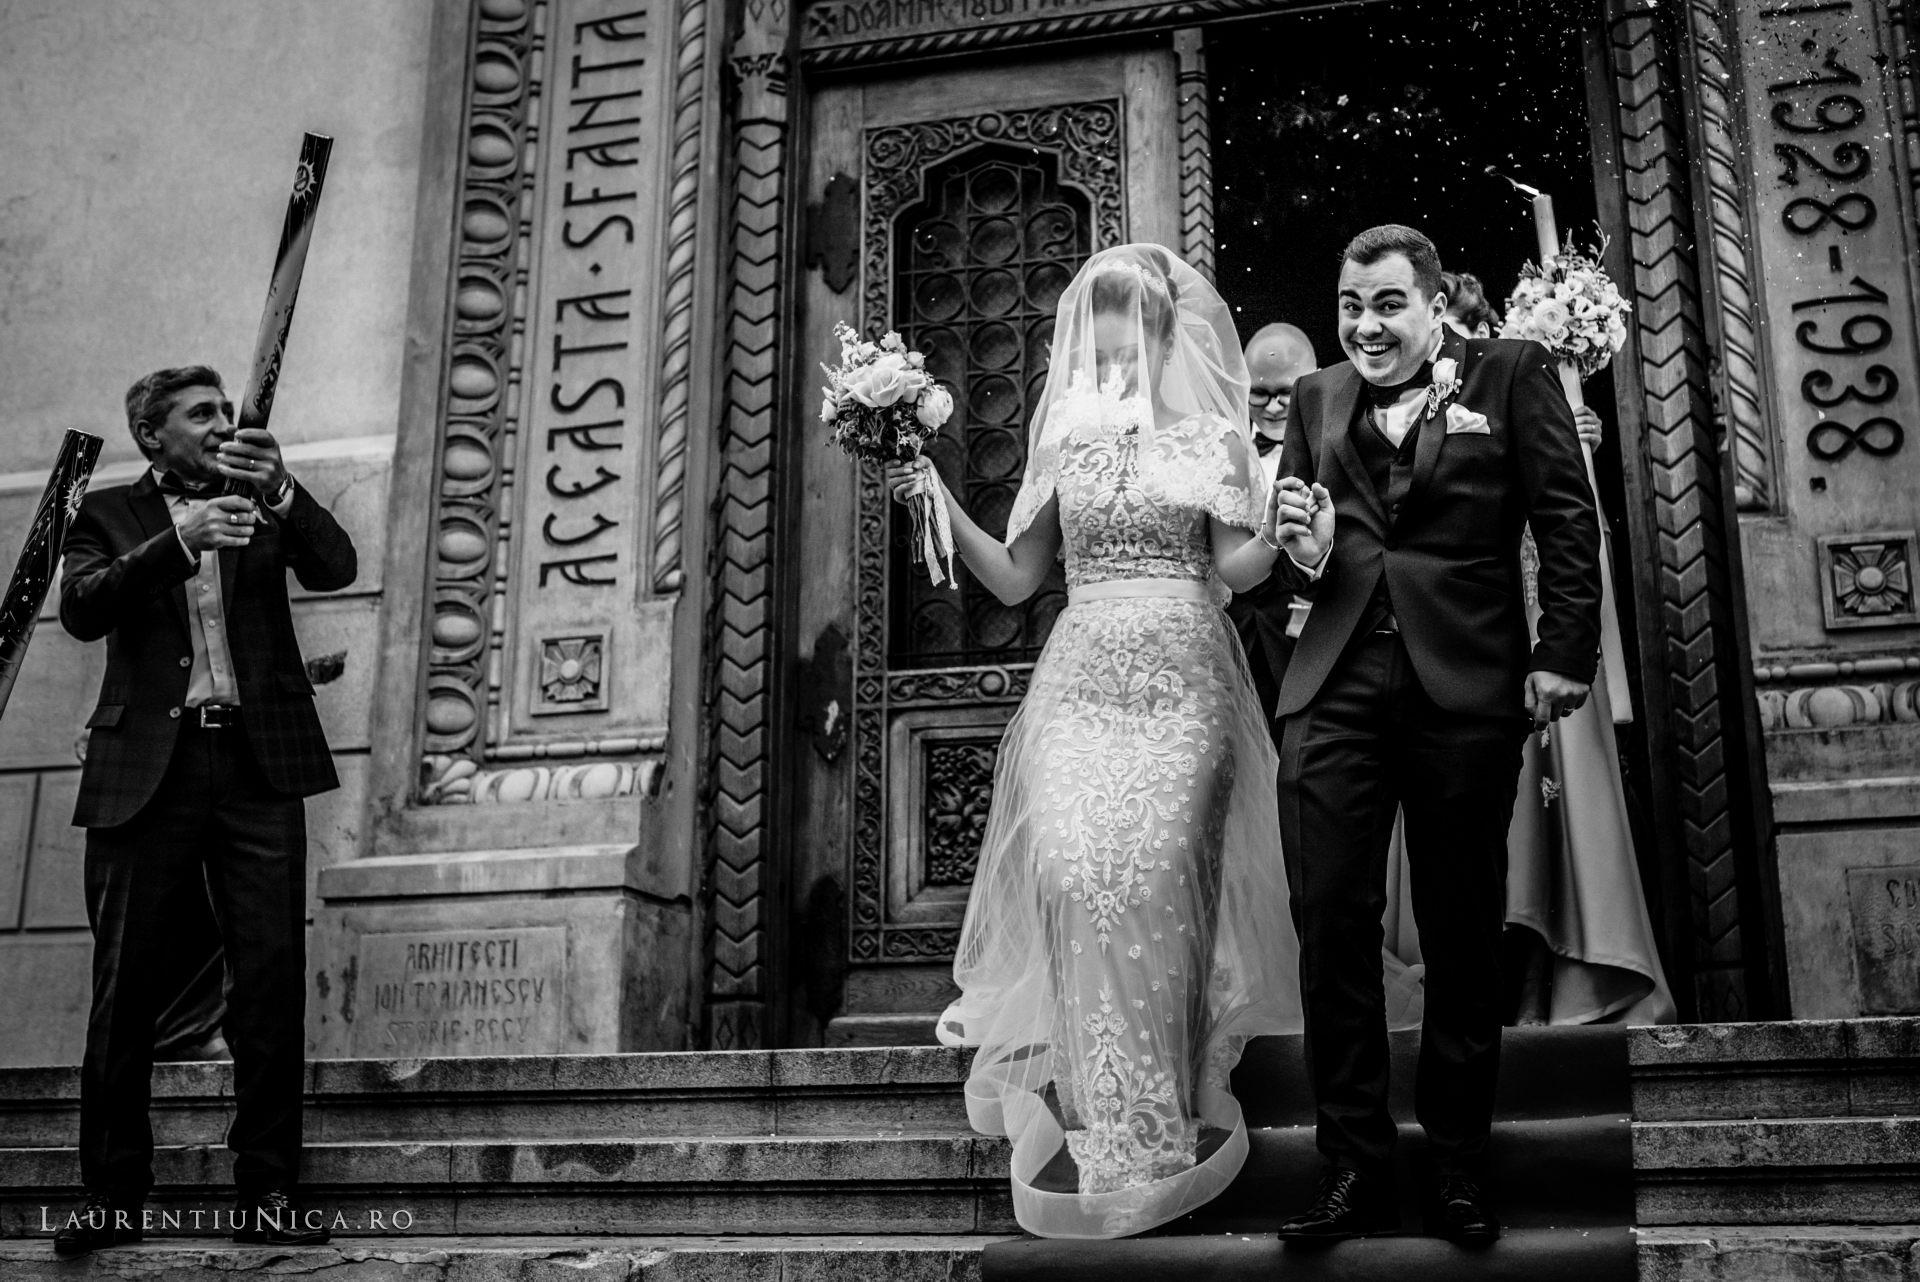 denisa si catalin fotograf nunta laurentiu nica craiova 52 - Denisa si Catalin | Fotografii nunta | Craiova